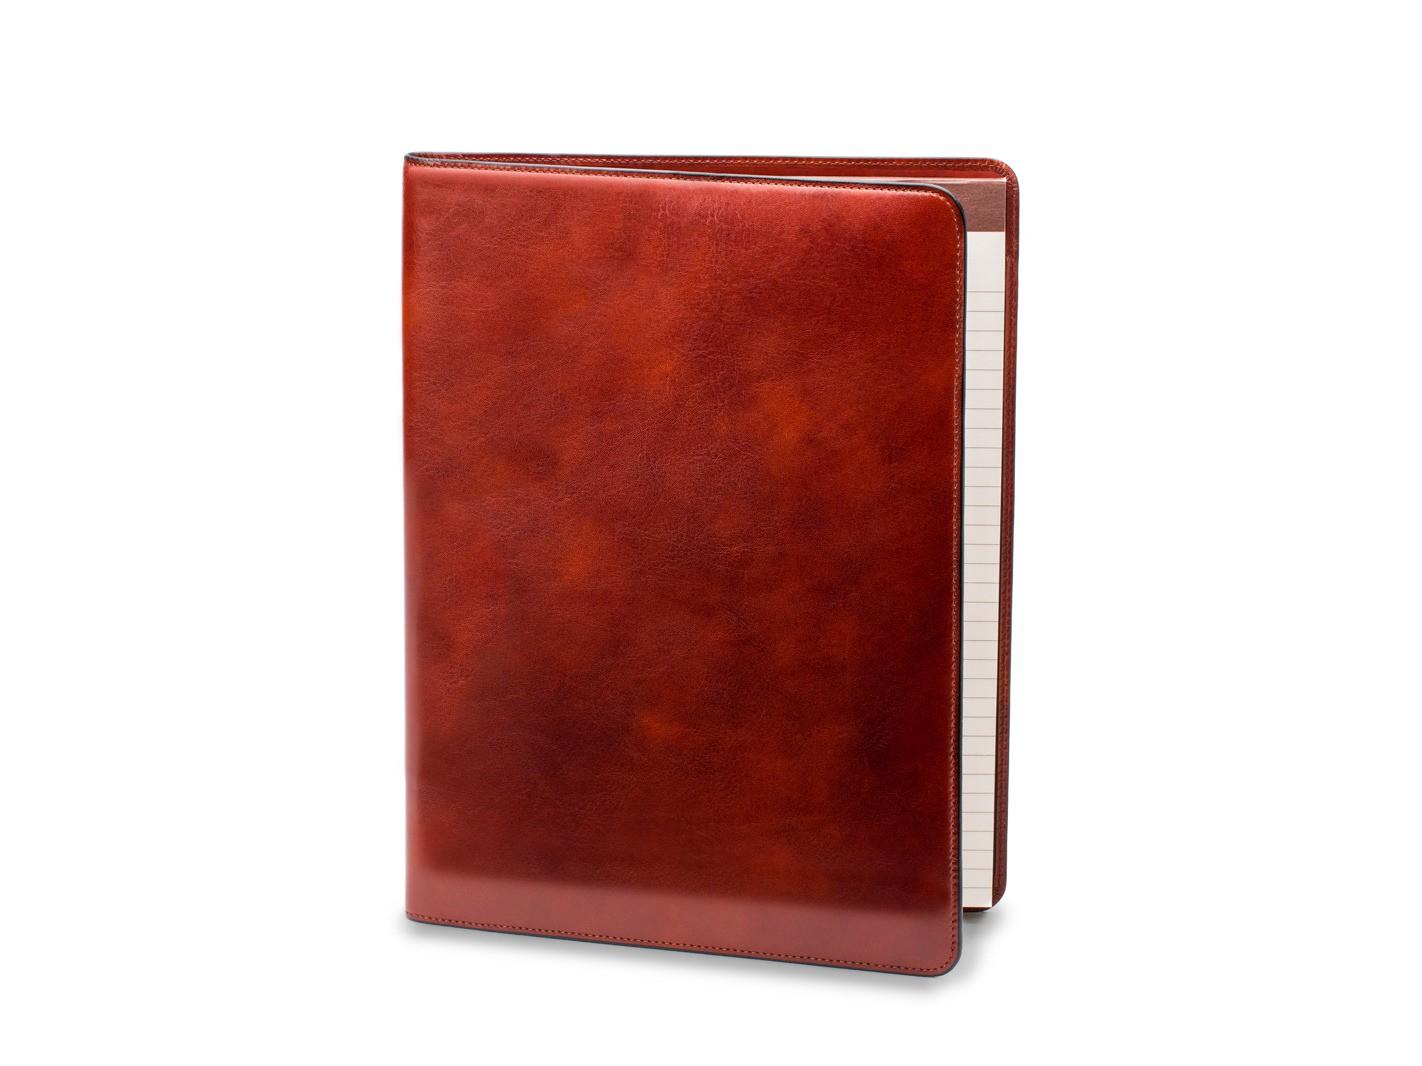 Deluxe Leather Portfolio